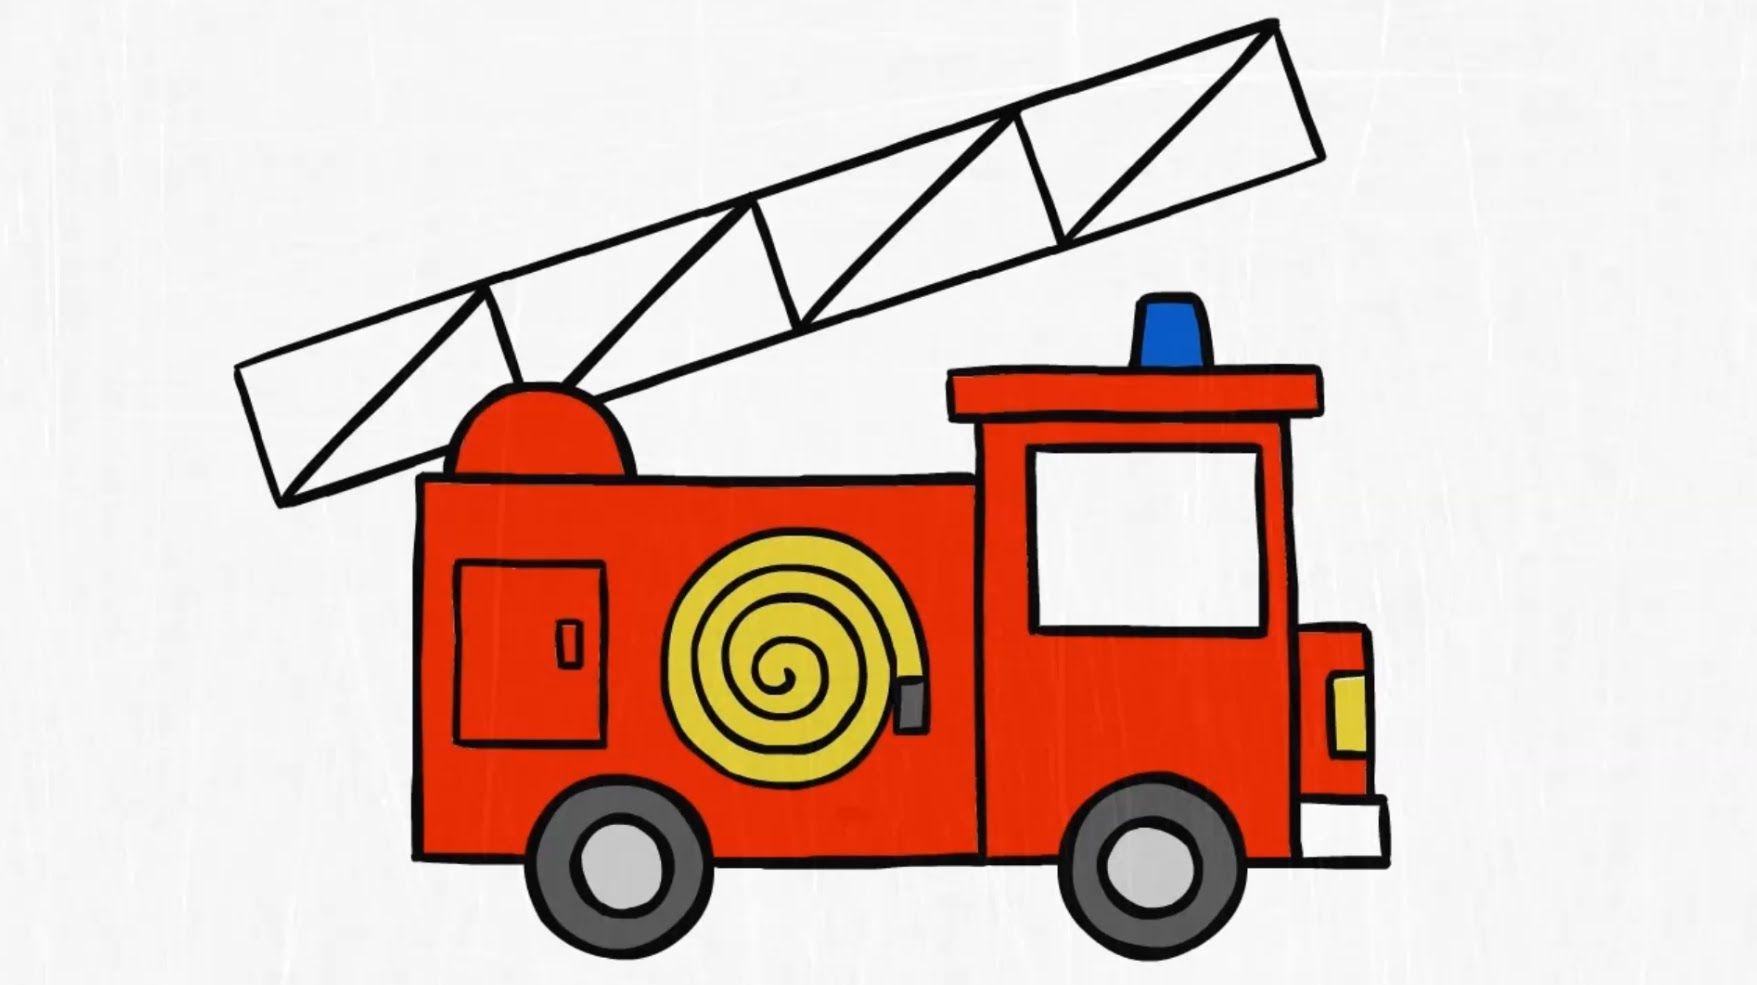 How to draw. a FIRE TRUCK | Fire Safety | Pinterest | Feuerwehr und ...